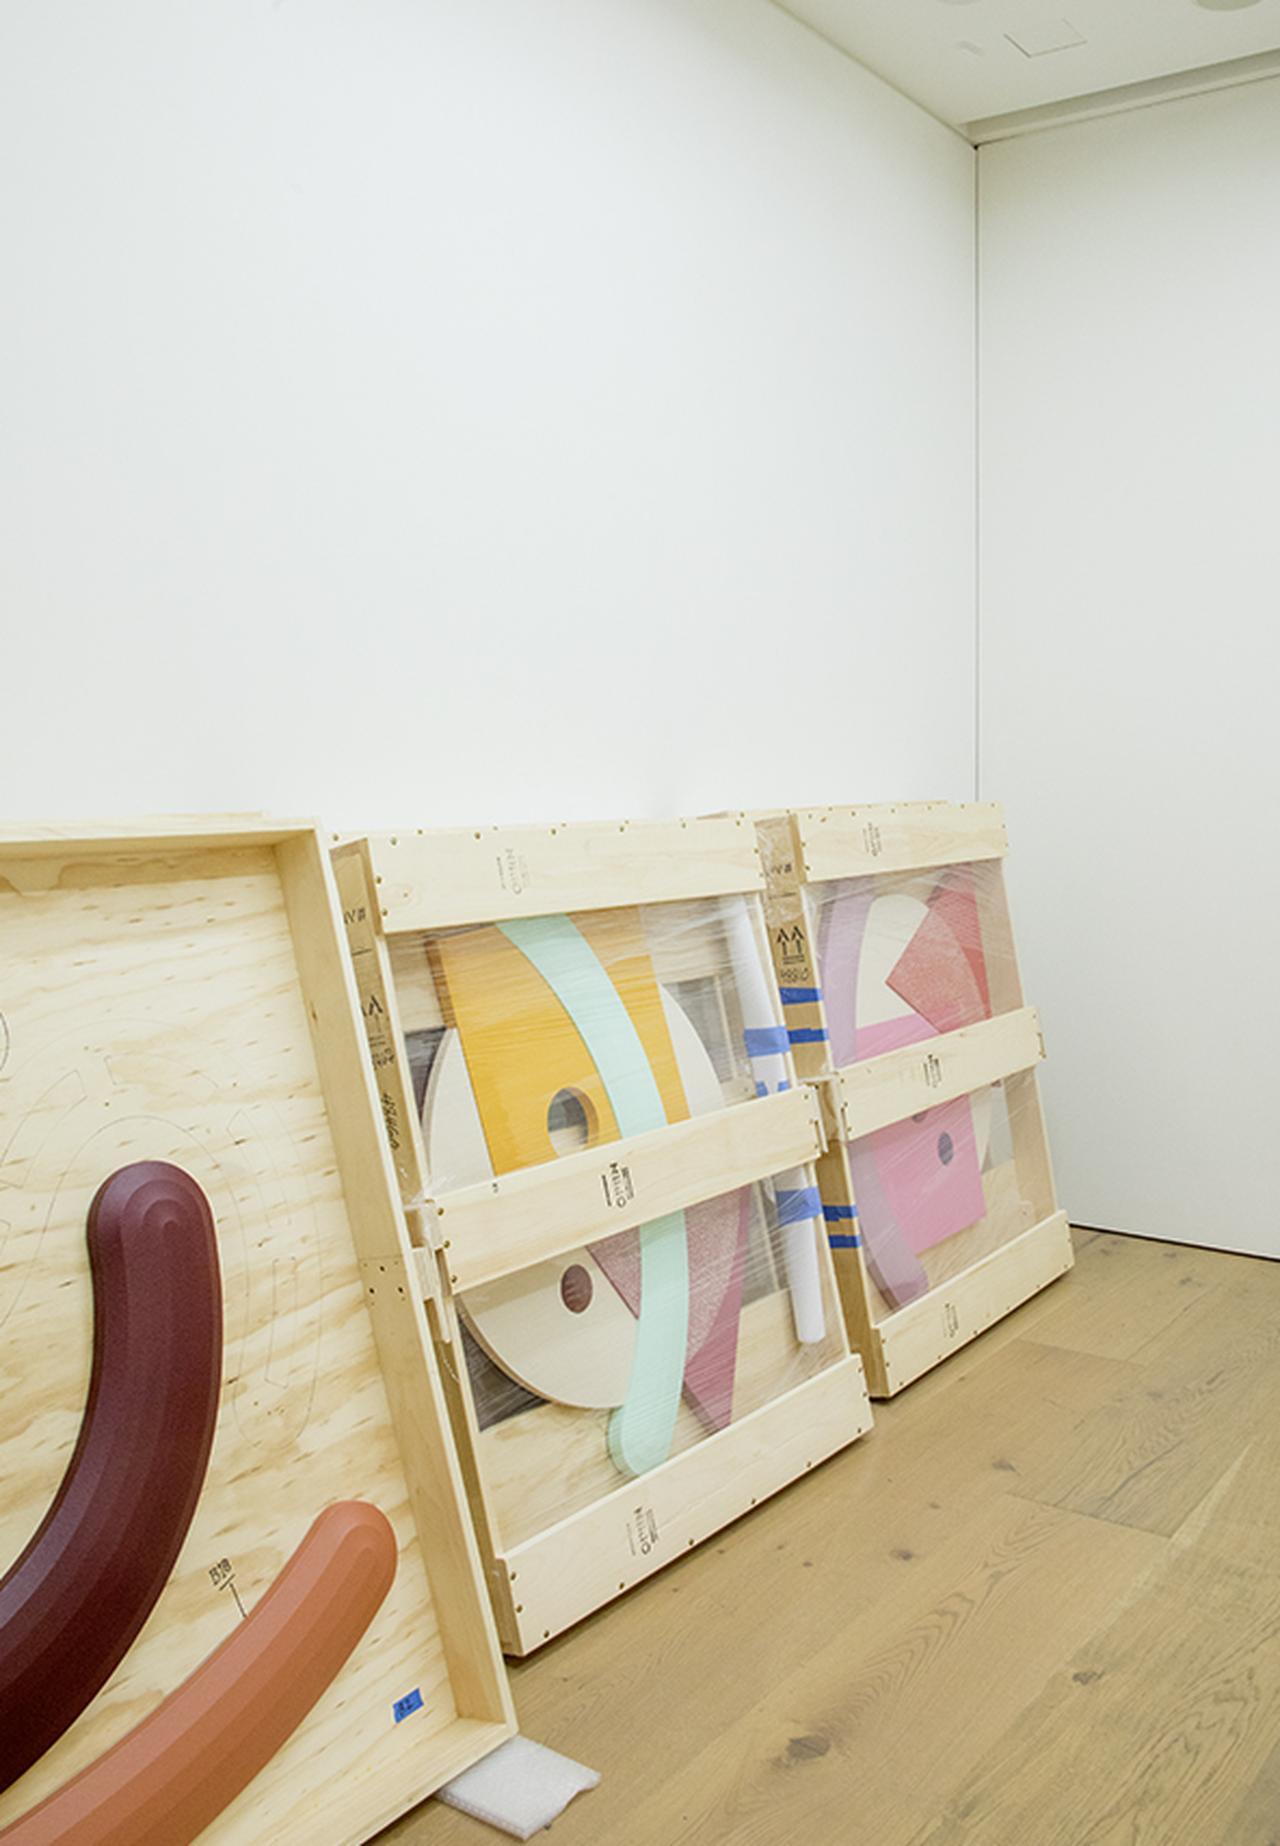 Images : 2番目の画像 - 「色彩とかたちをあやつる ジョシュ・スパーリングの 新しい抽象芸術」のアルバム - T JAPAN:The New York Times Style Magazine 公式サイト